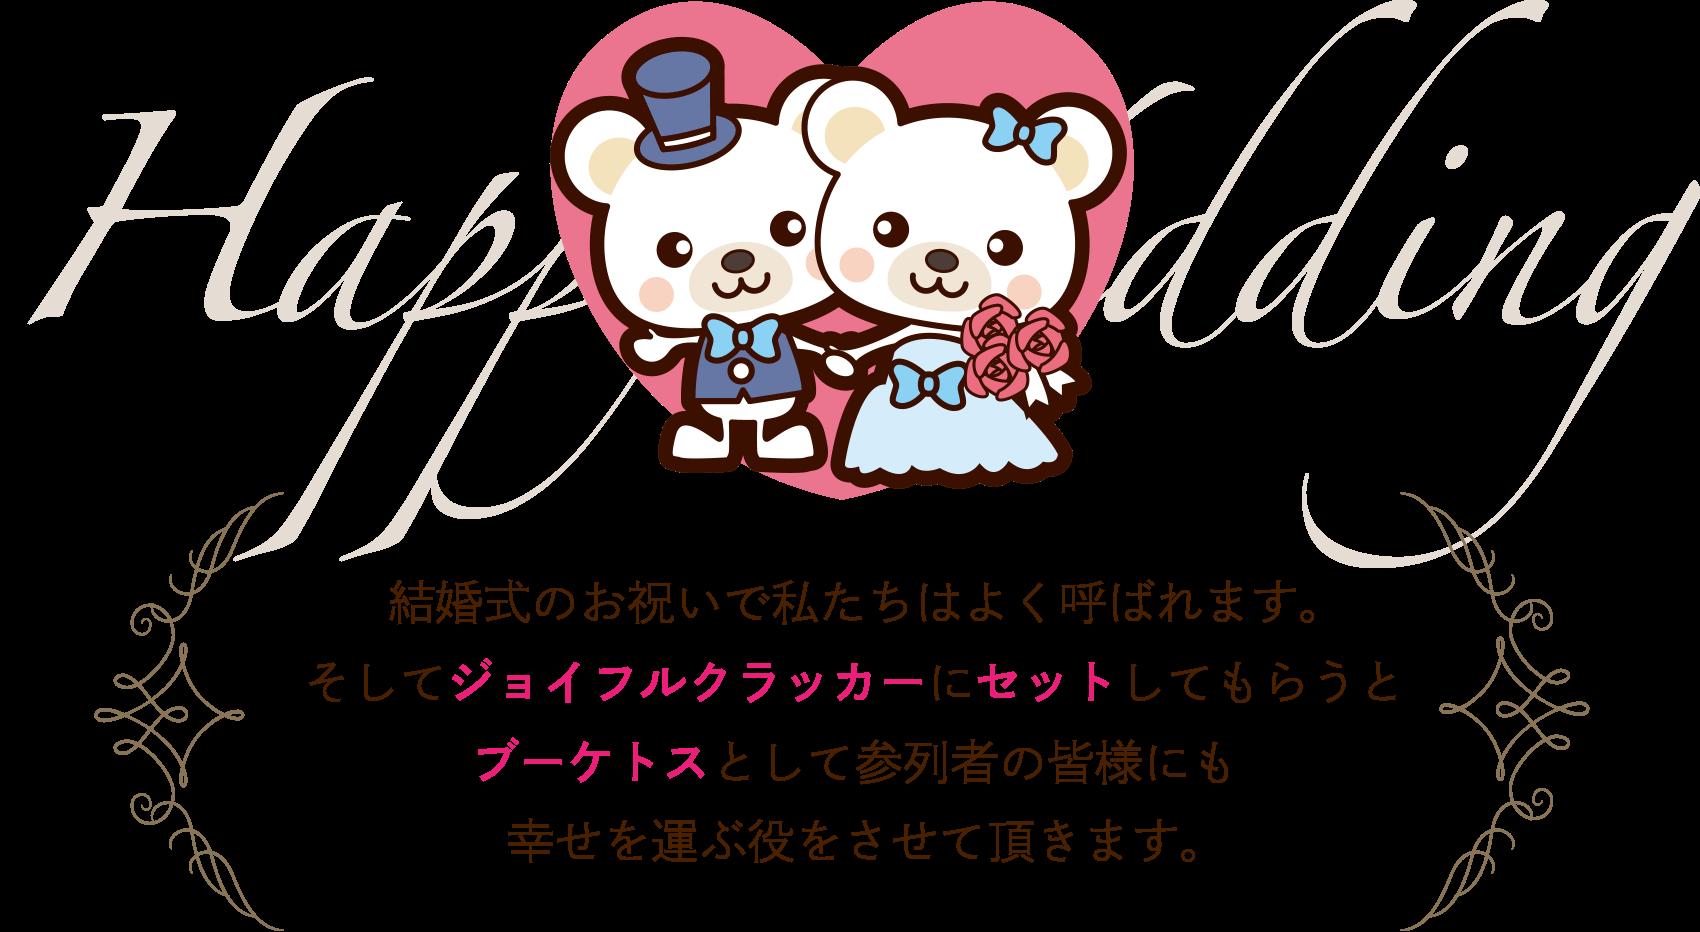 結婚式のお祝いで私たちはよく呼ばれます。そしてジョイフルクラッカーにセットしてもらうとブーケトスとして参列者の皆様にも幸せを運ぶ役をさせて頂きます。